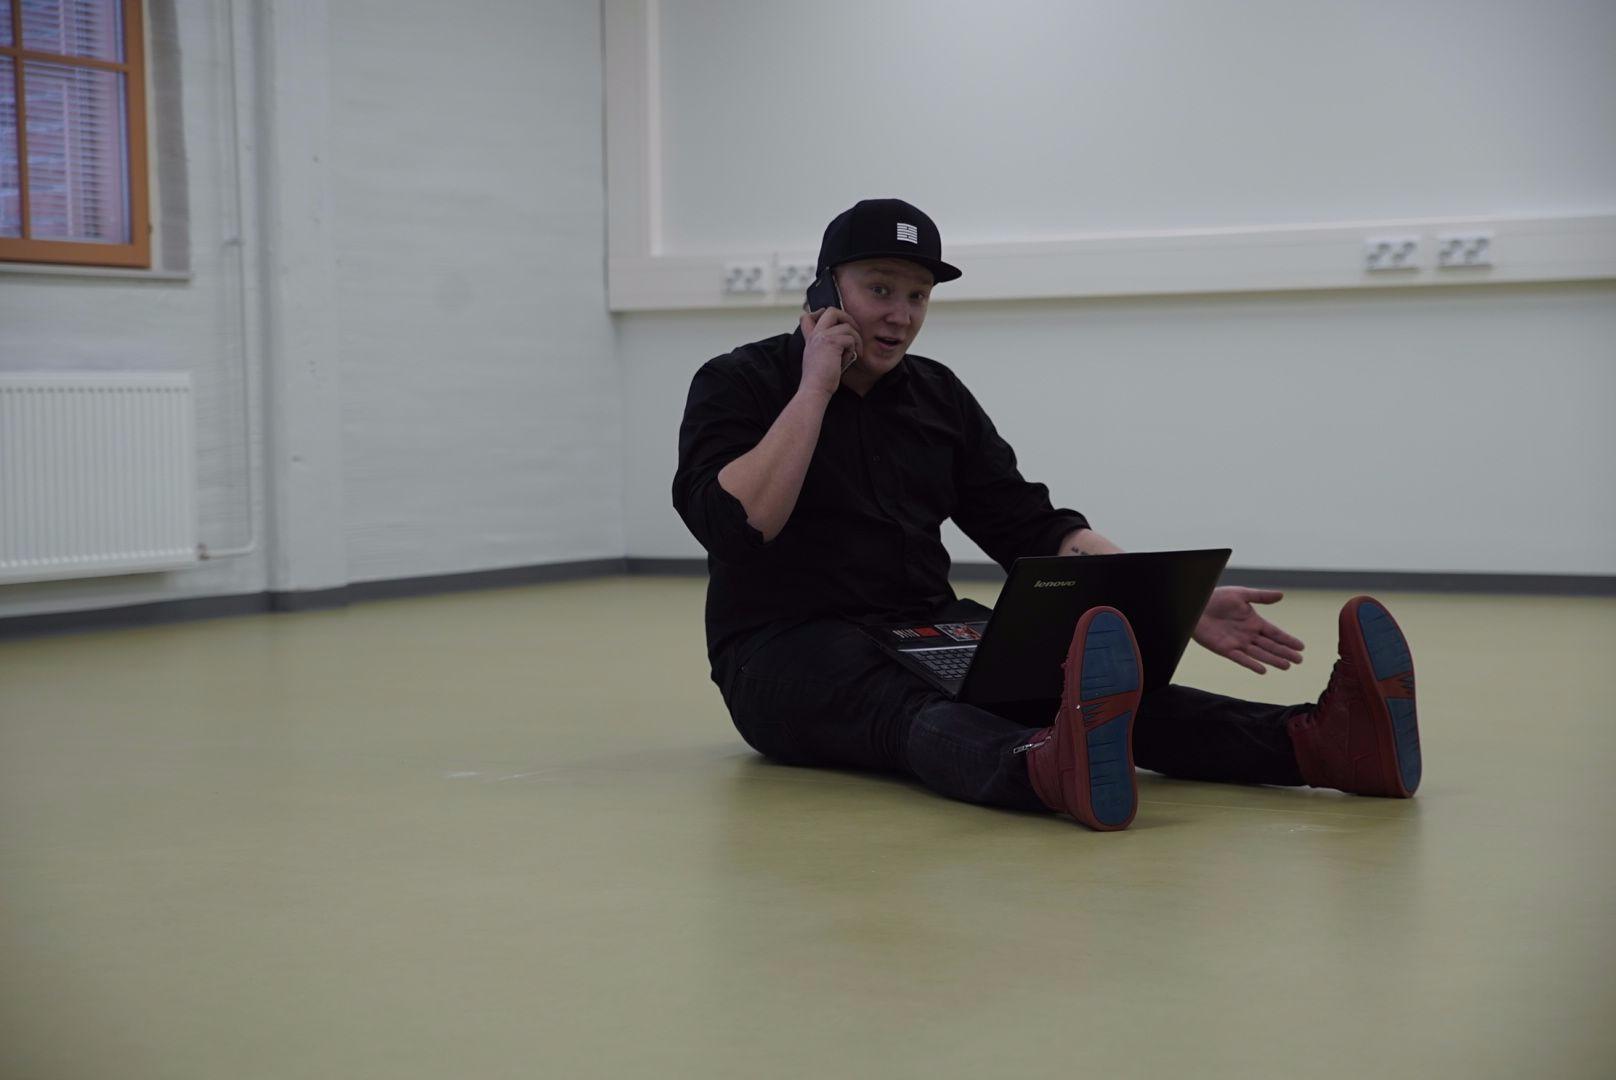 Tuottaja tekee töitä vaikka istuaallaan tyhjässä tilassa